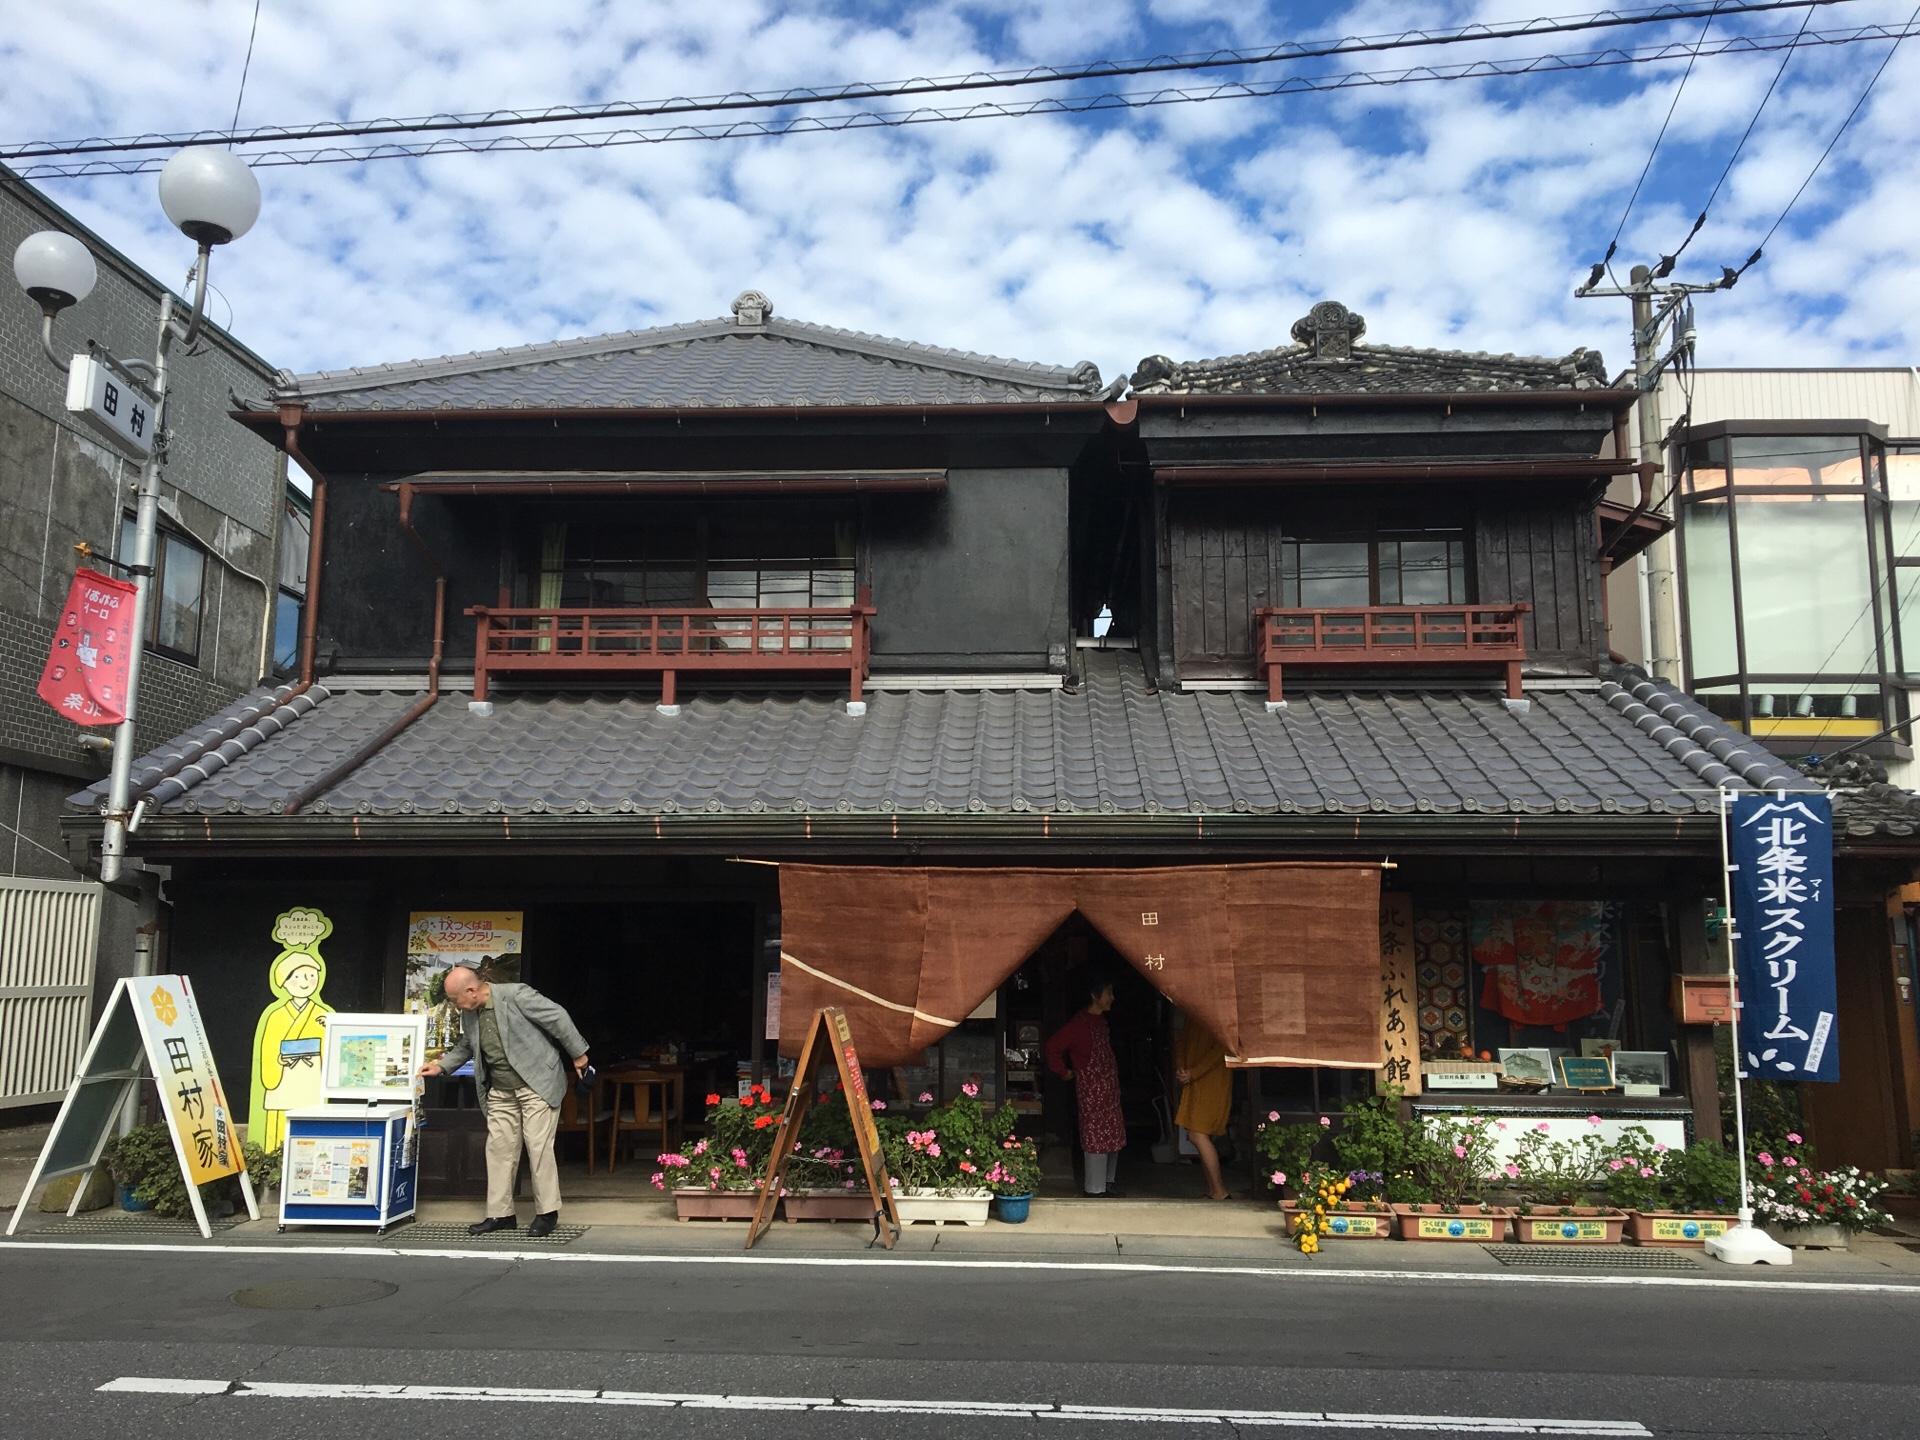 【茨城】日本の道100選 つくば道 のおすすめ立ち寄りスポット